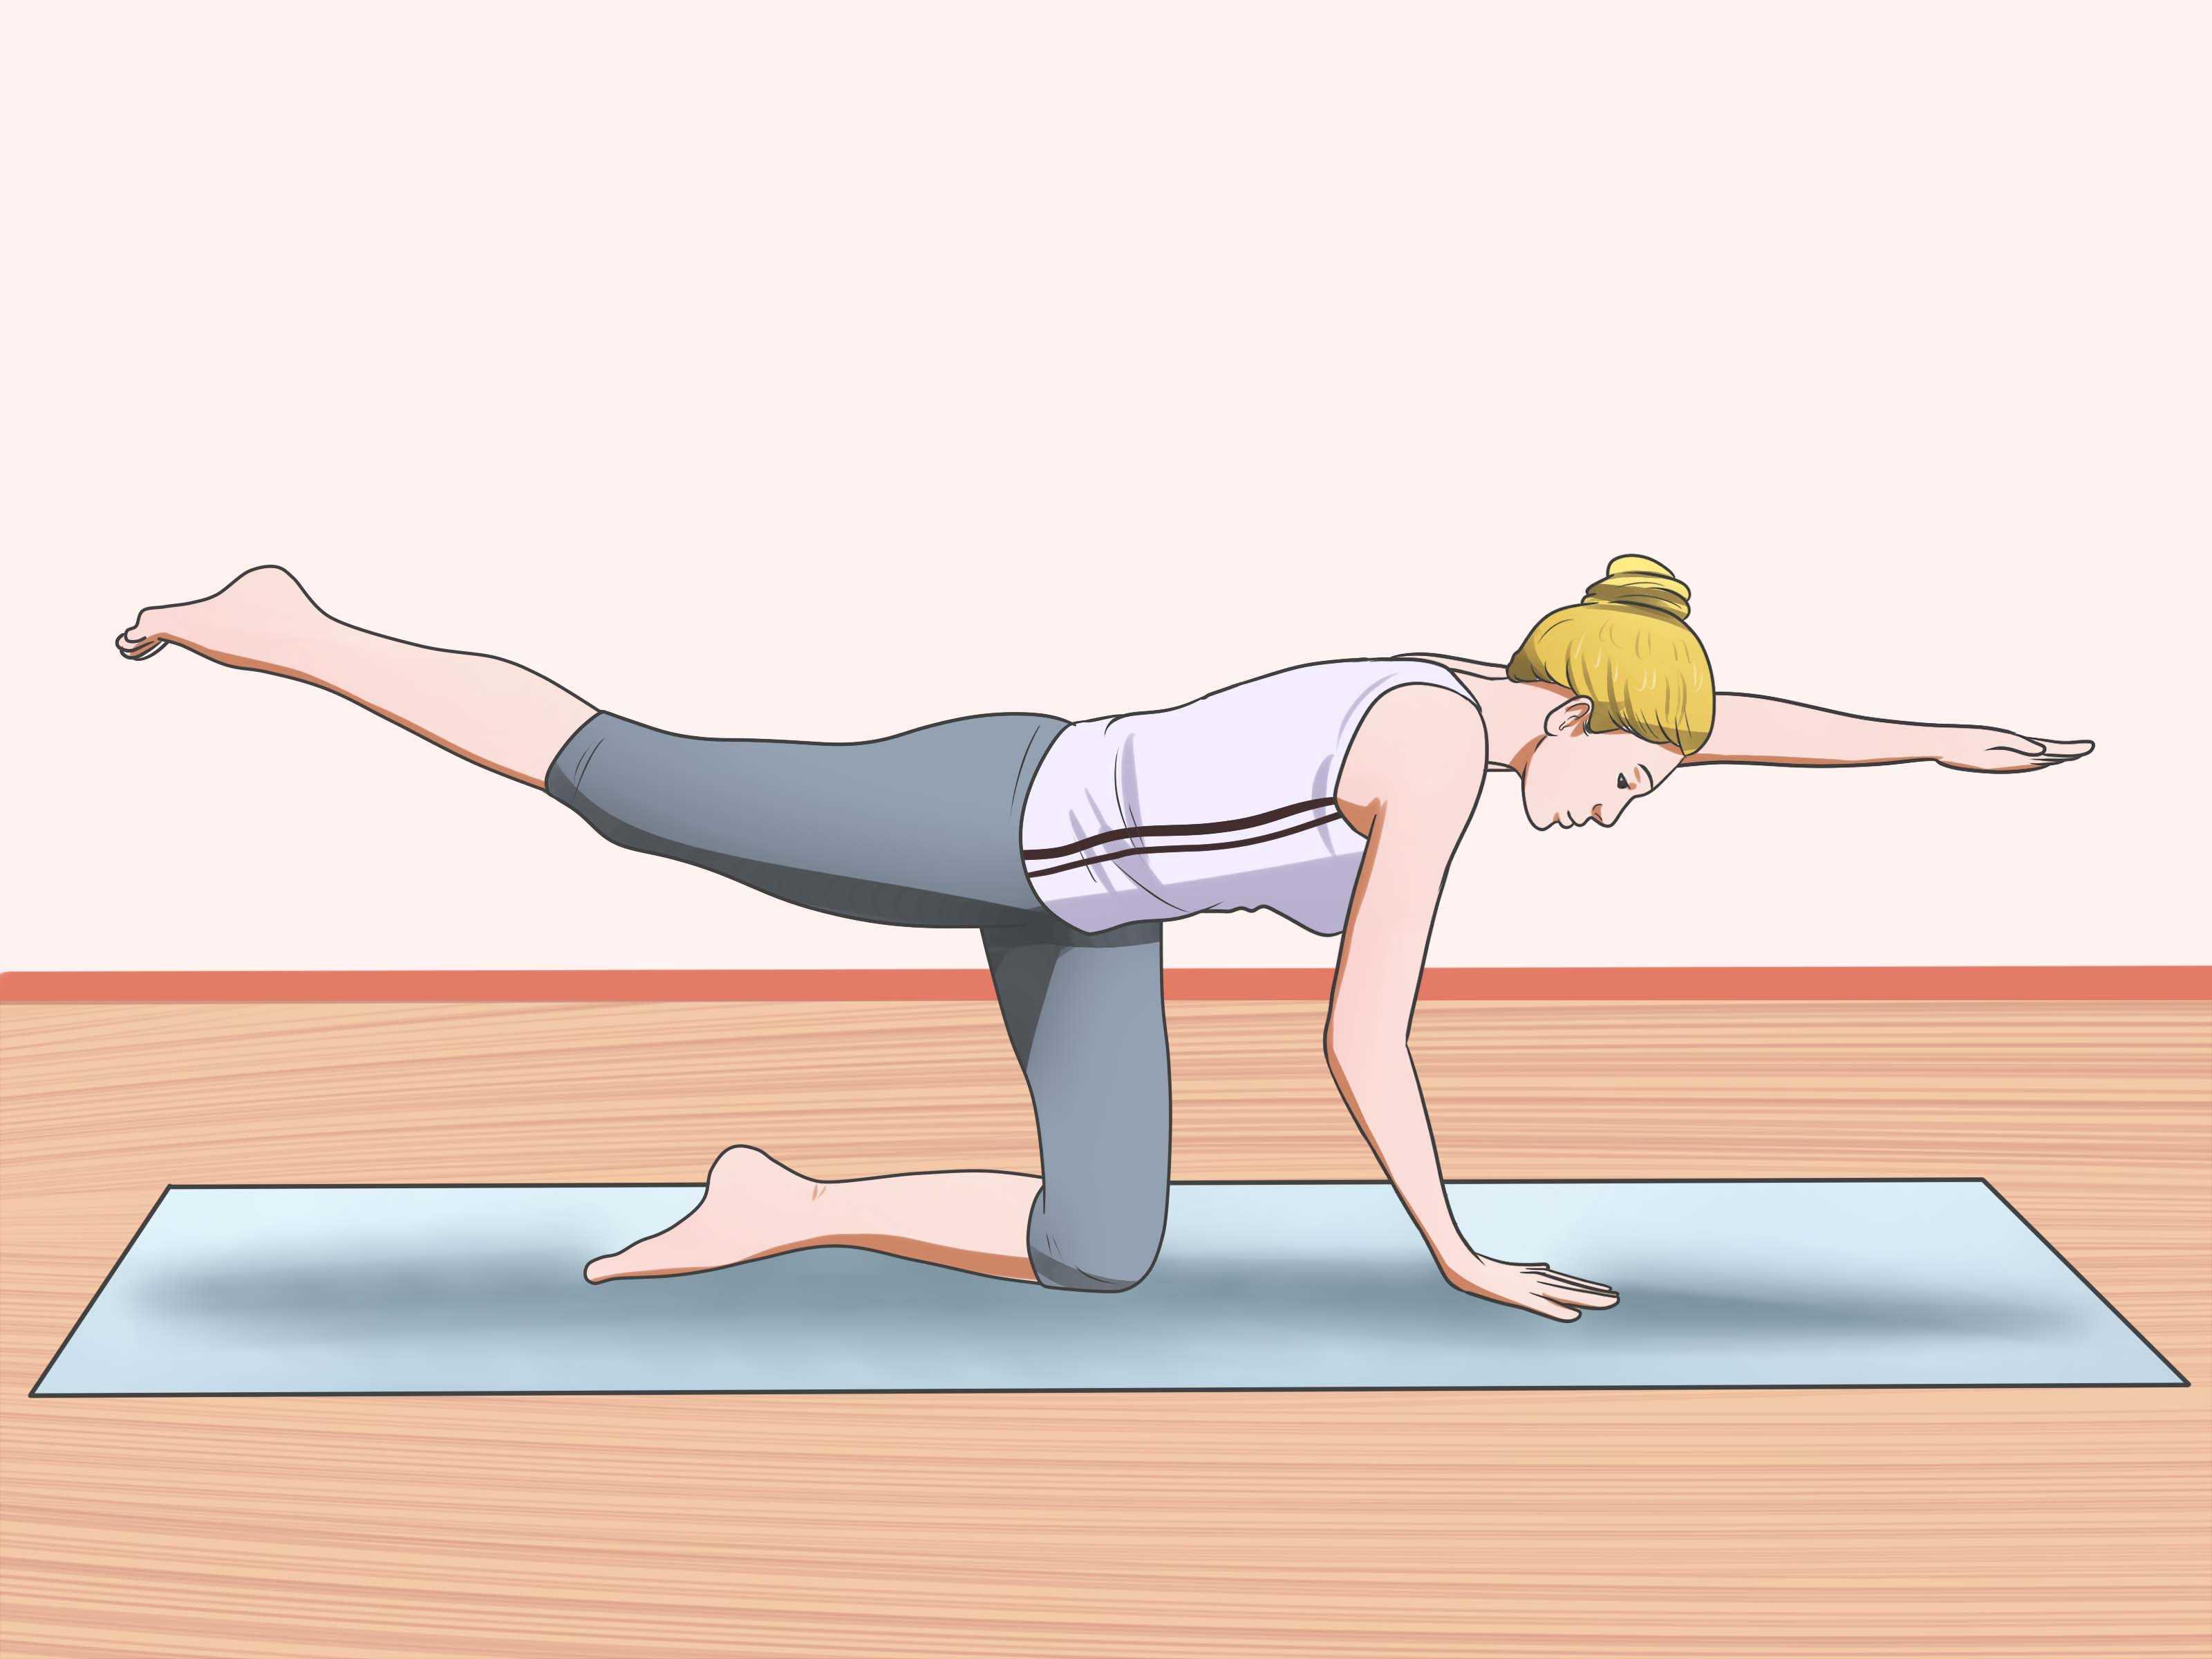 Как убрать складки на спине: рекомендации и упражнения для похудения спины